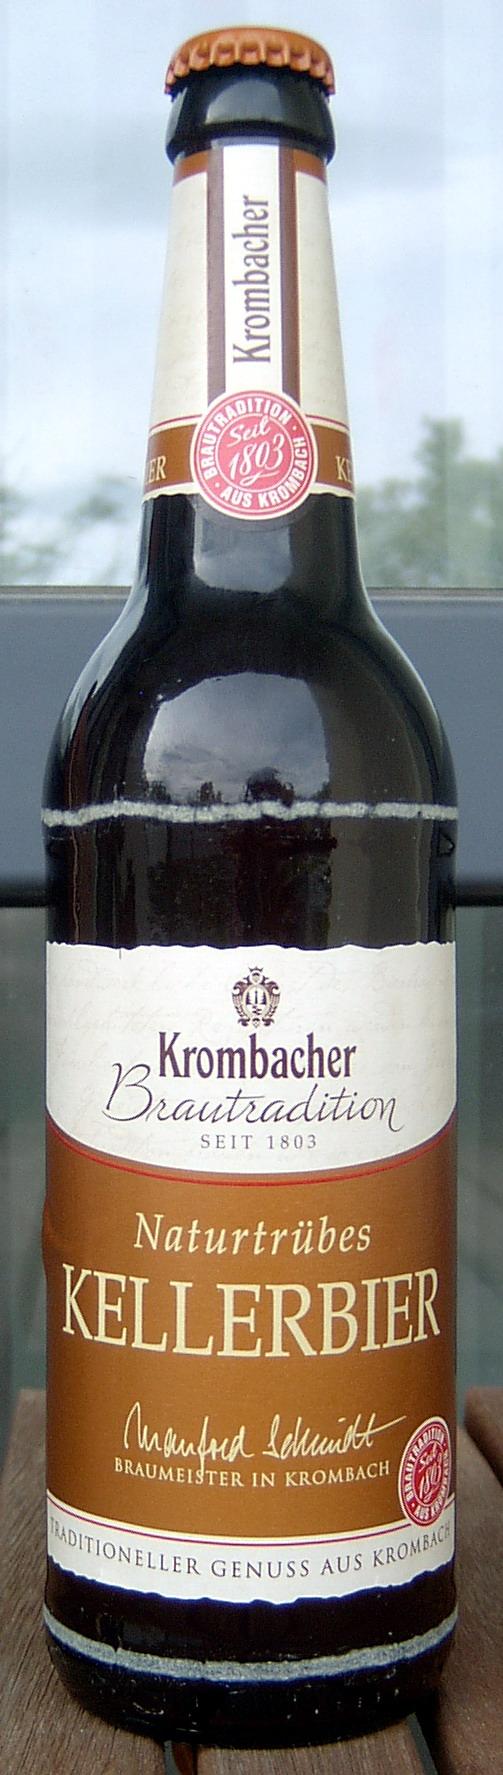 Krombacher Keller